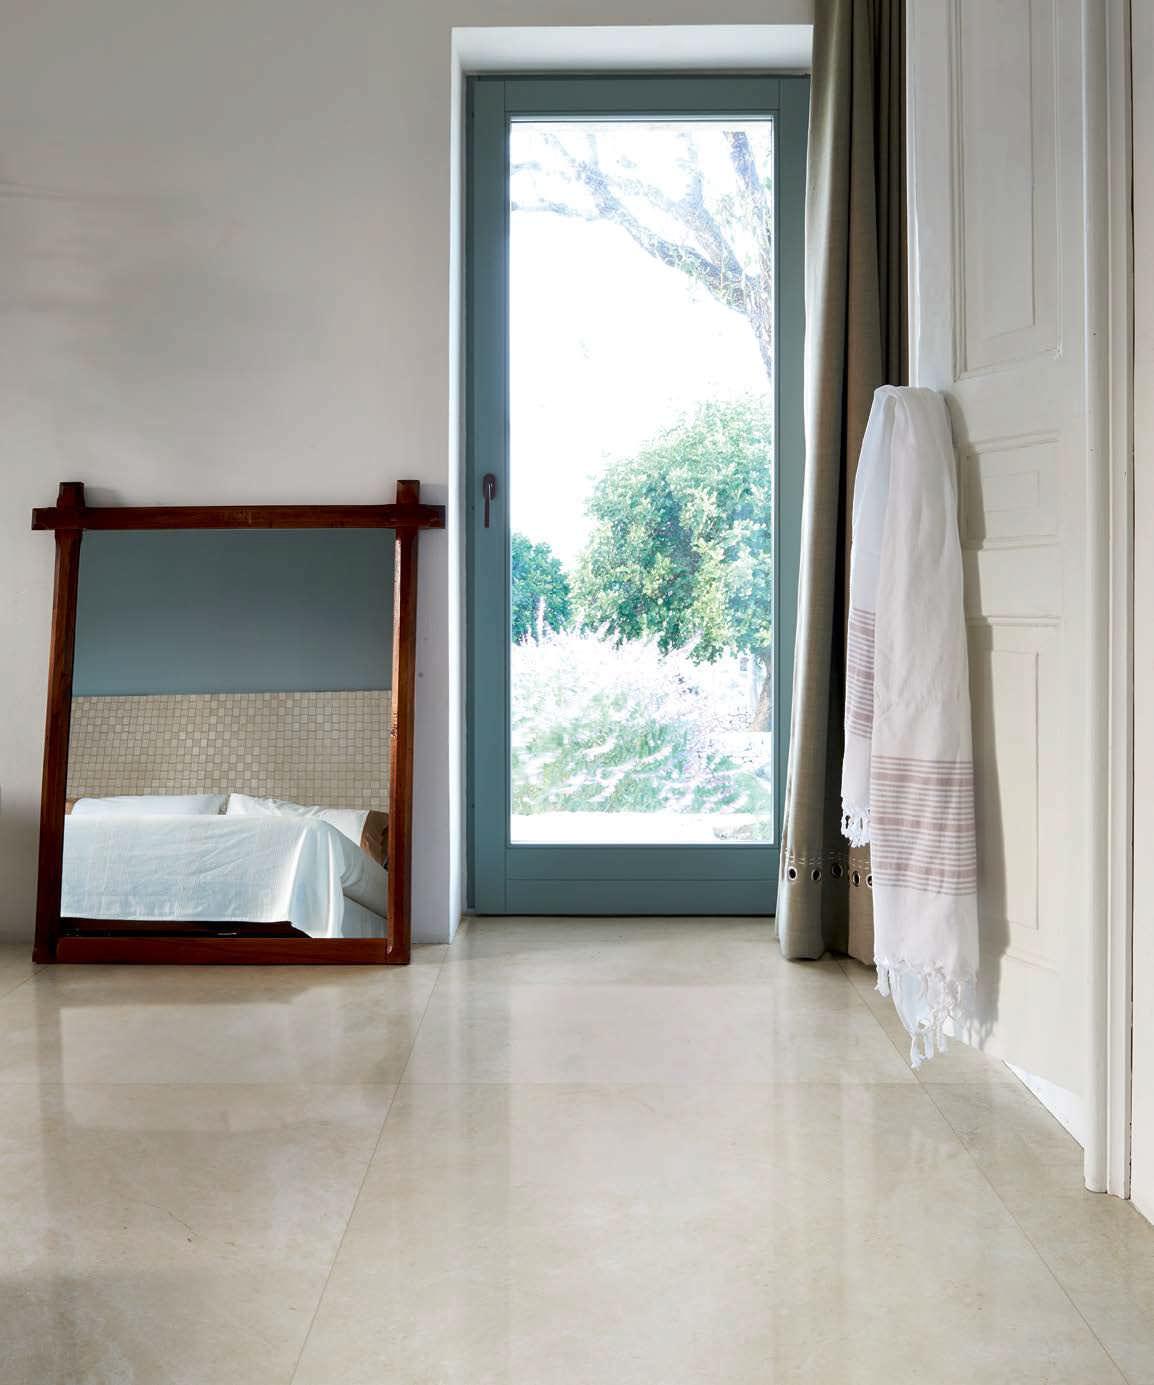 Indoor tile / bathroom / floor / porcelain stoneware - STONES & MORE ...